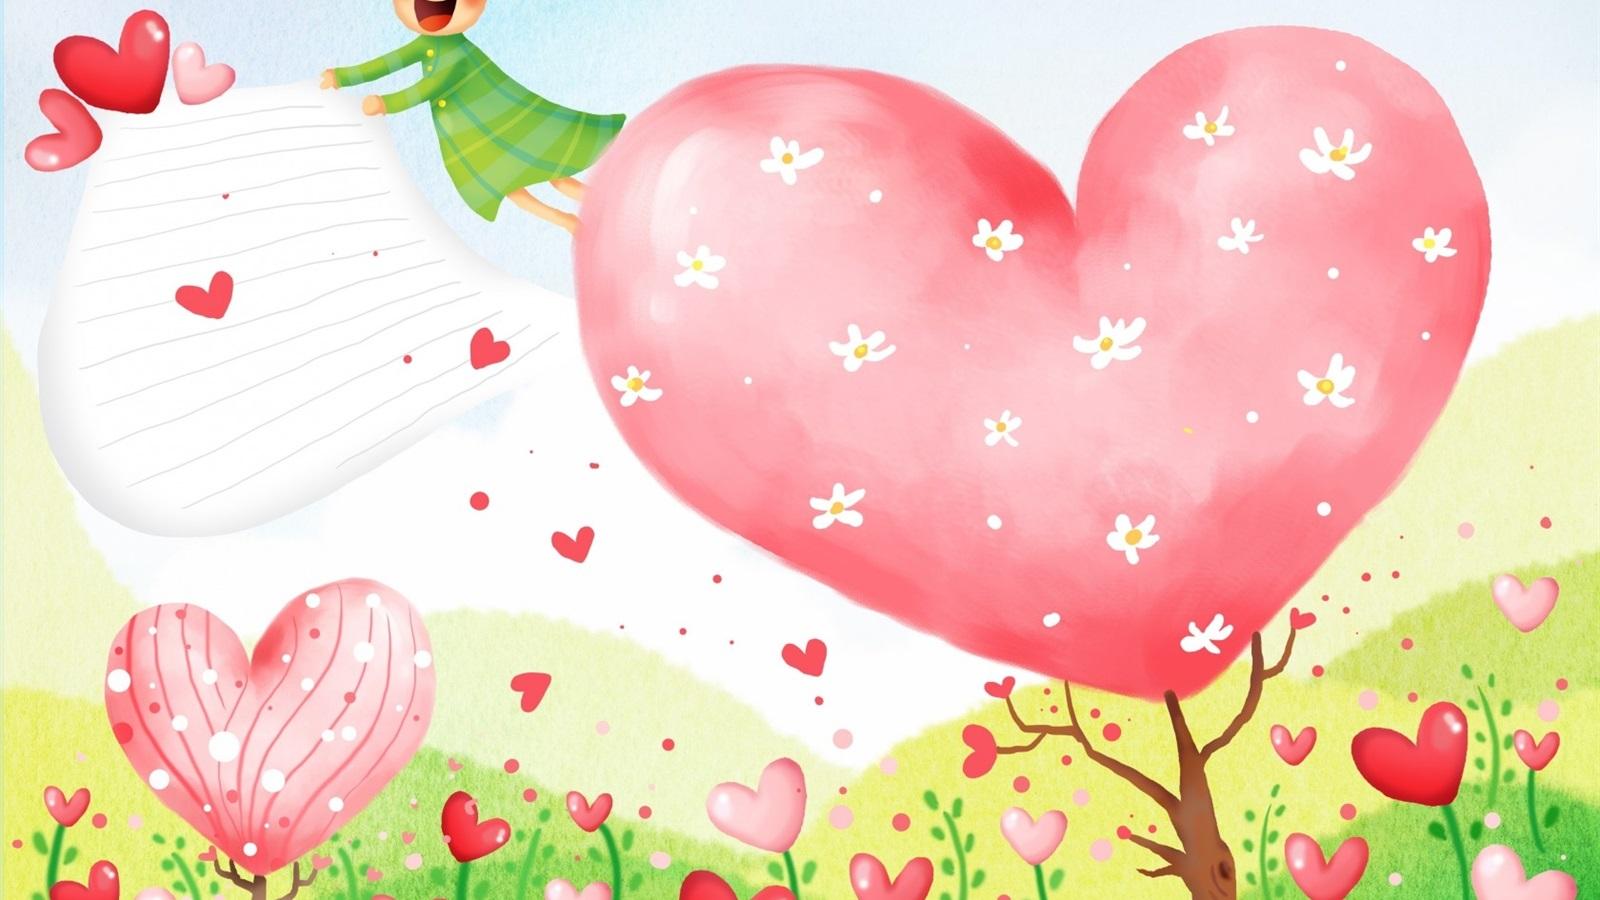 Картинки детям с любовью, люблю тебя мой